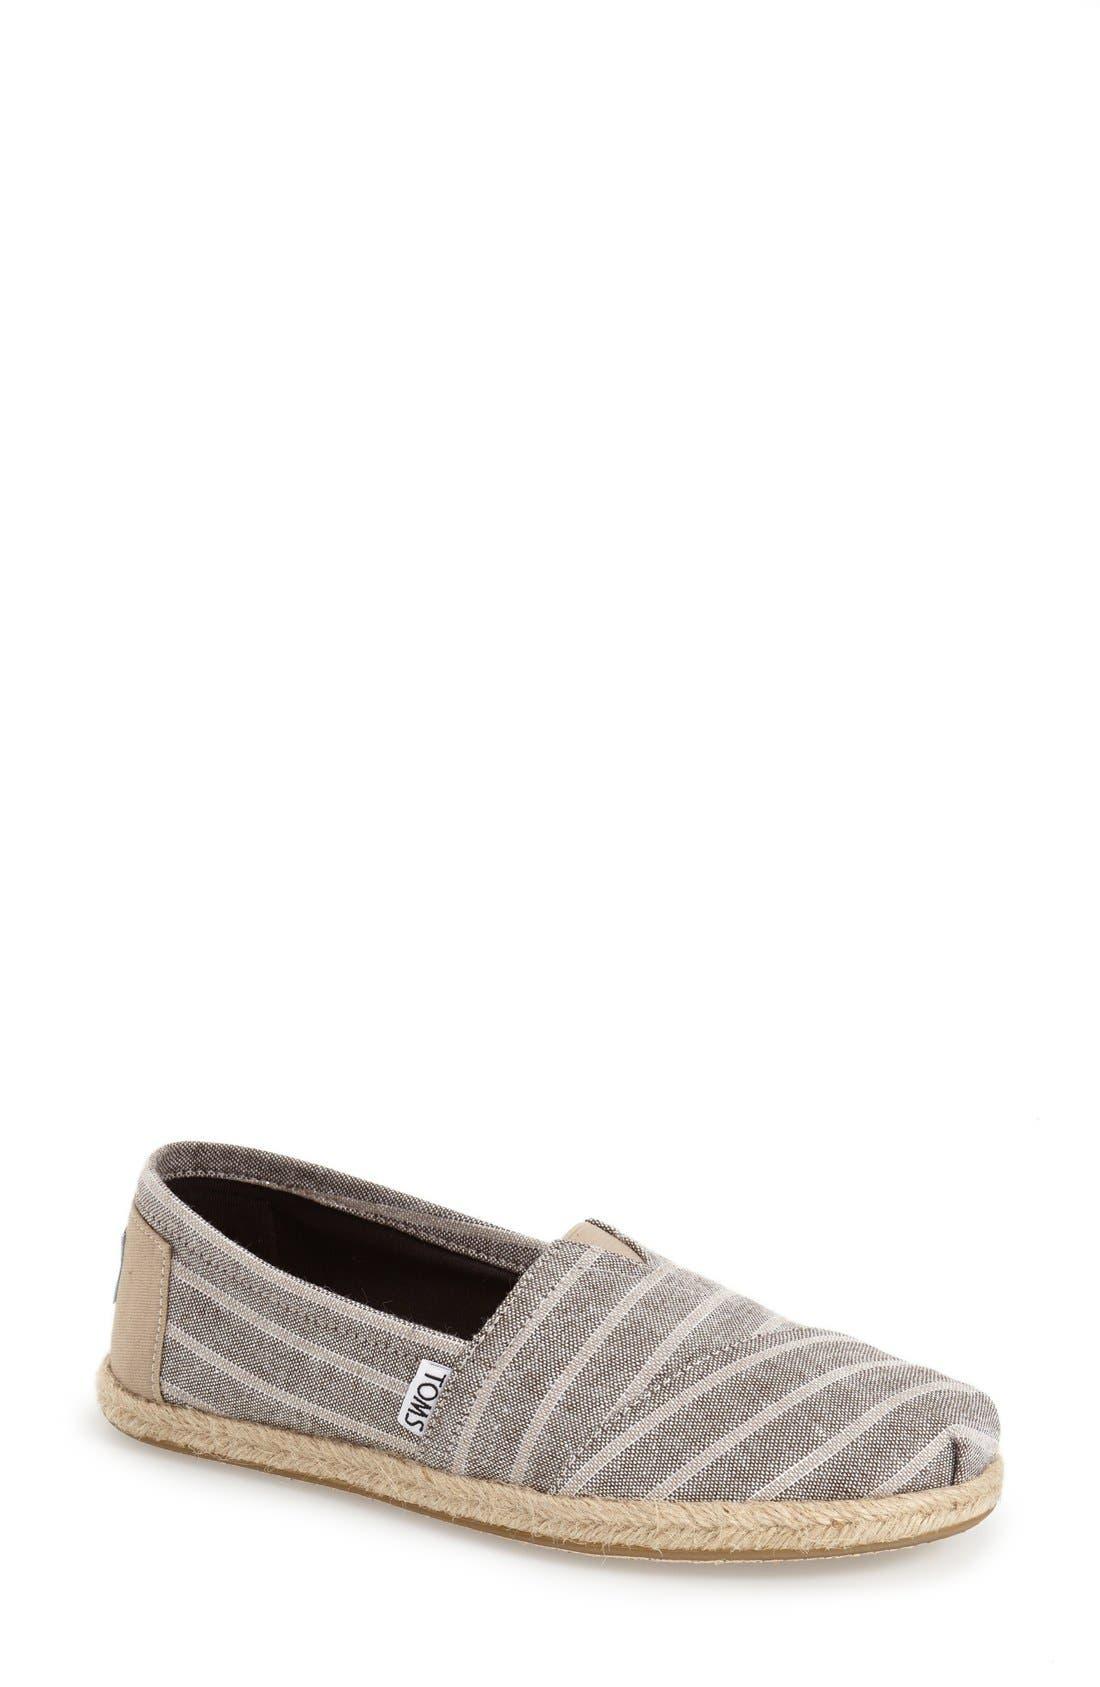 TOMS Stripe Espadrille Slip-On, Main, color, 200